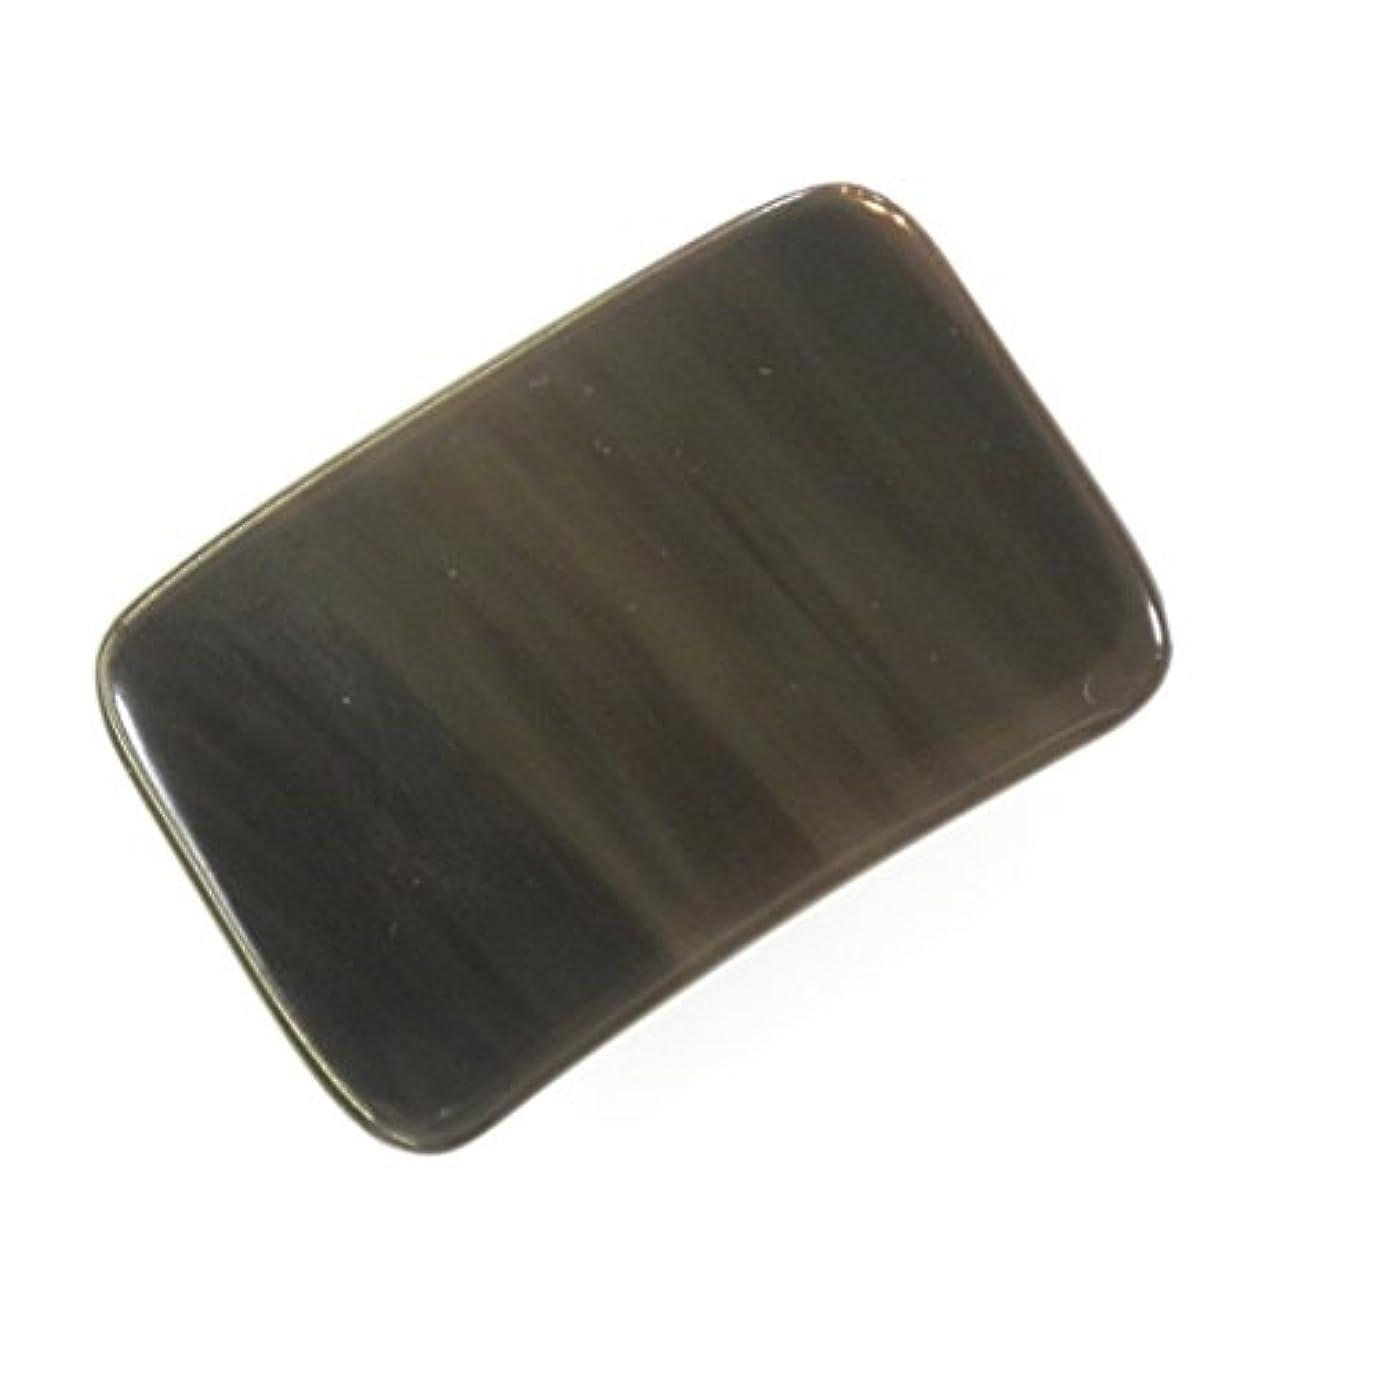 異常規範無関心かっさ プレート 厚さが選べる 水牛の角(黒水牛角) EHE214 長方形小 一般品 標準(6ミリ程度)